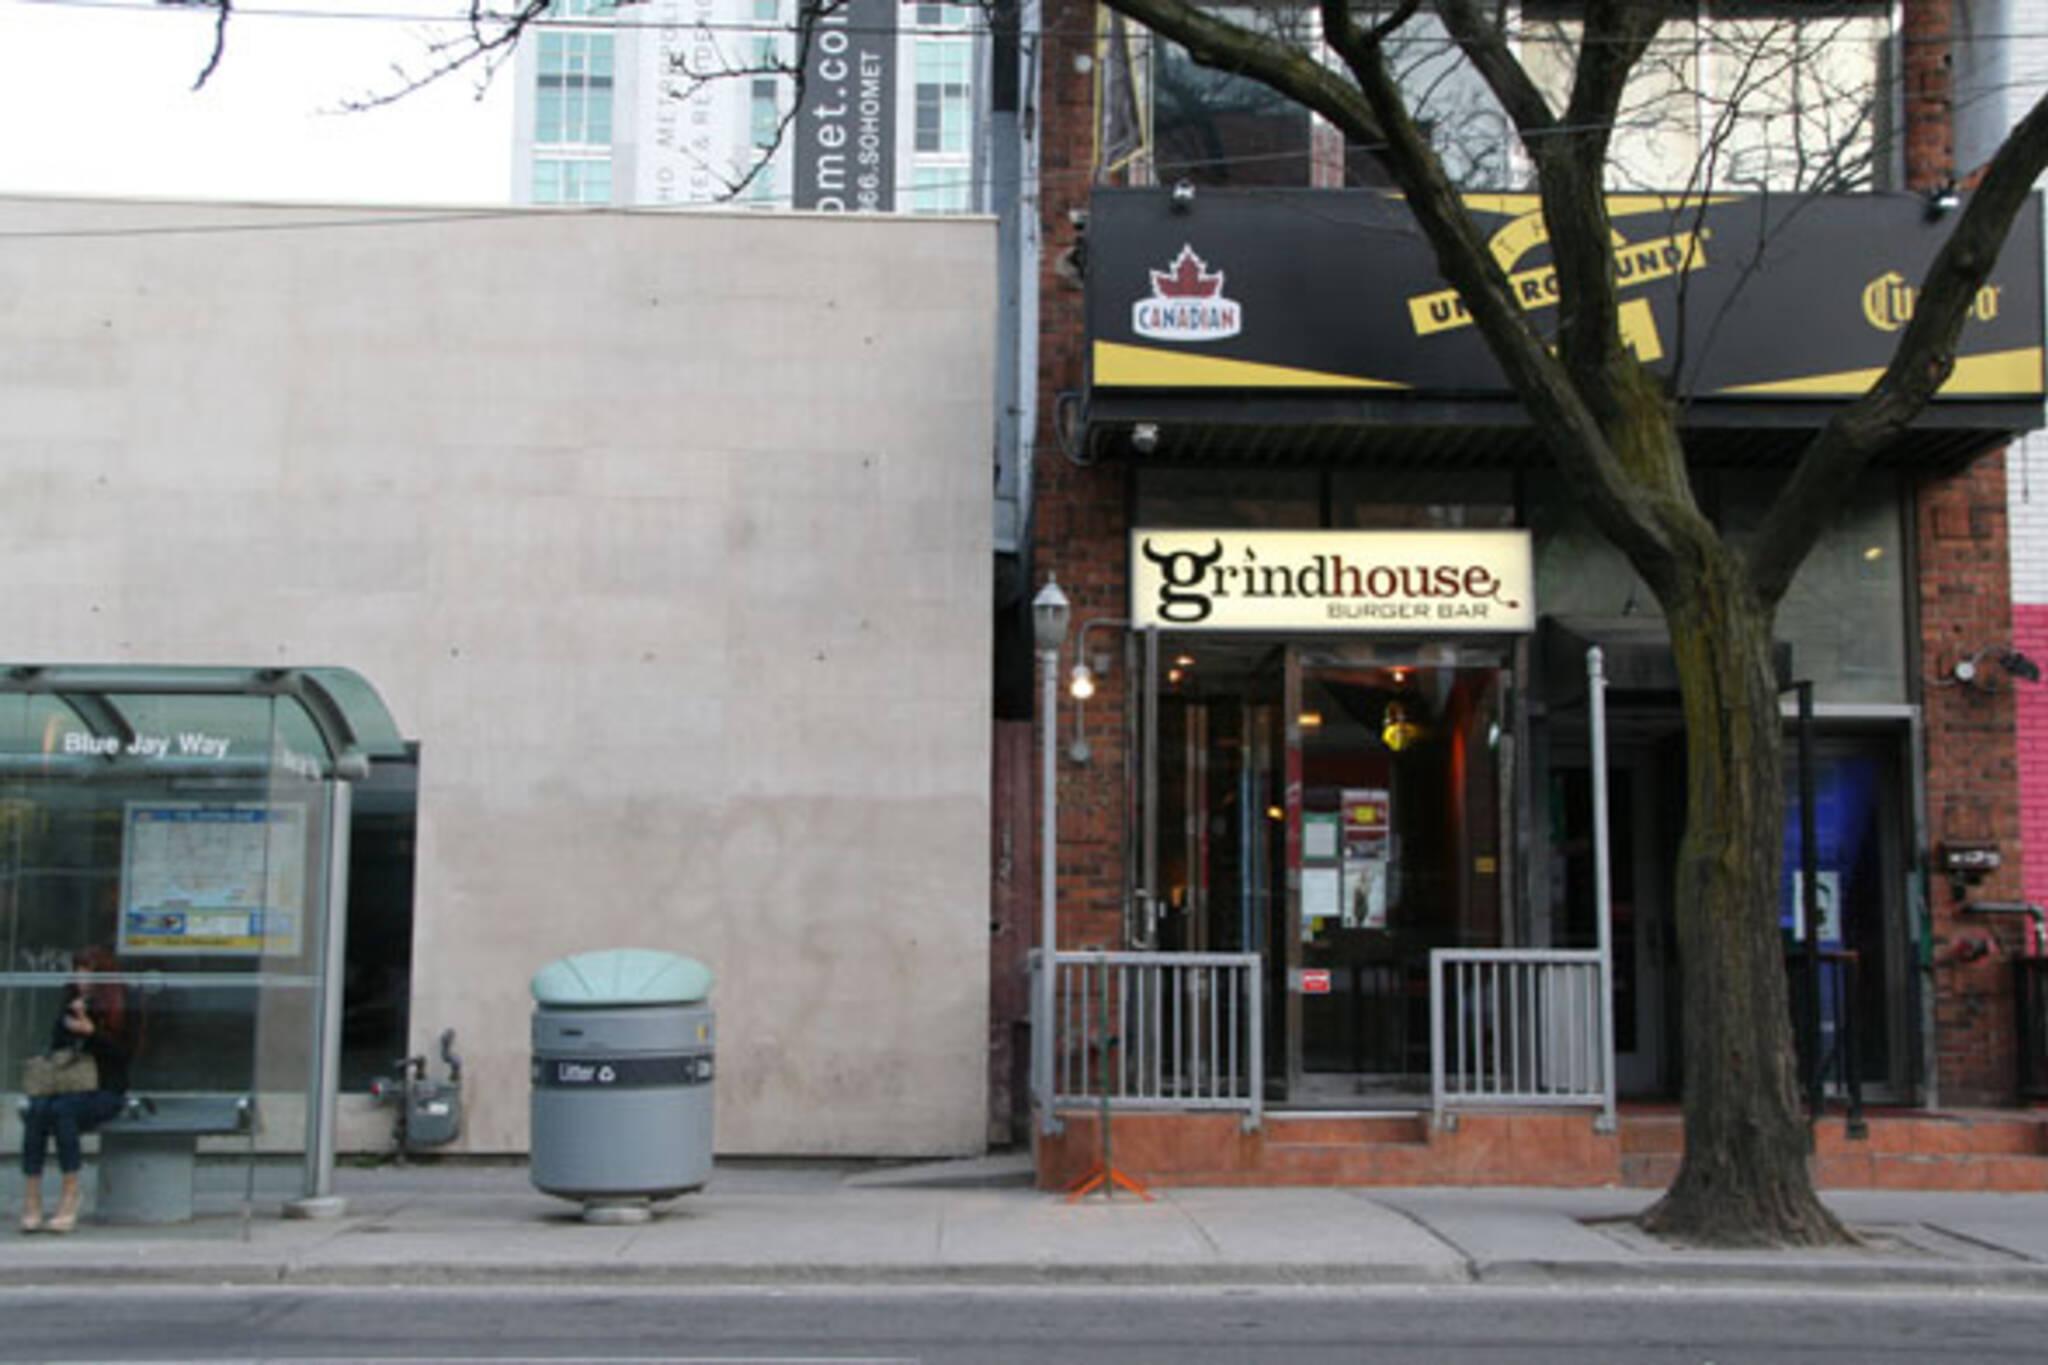 Grindhouse Burger Bar